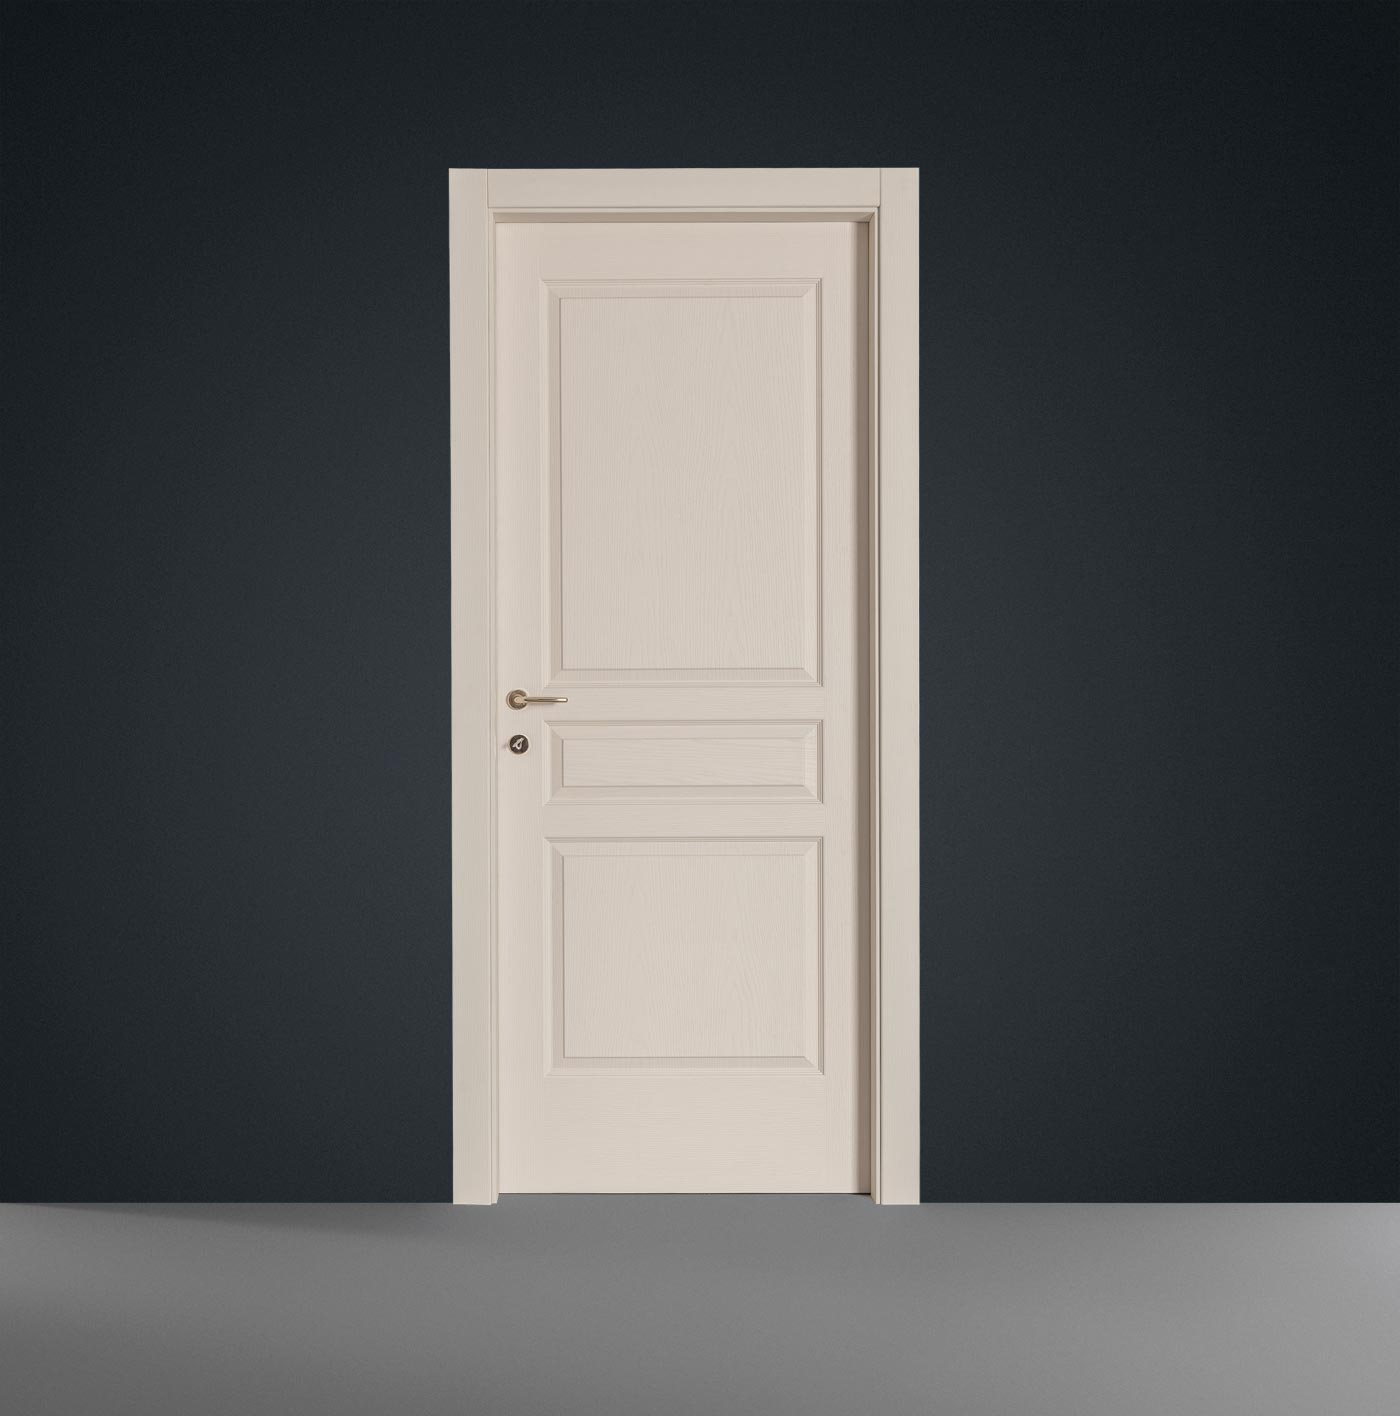 Imic porte laminate shape collection garden house - Detrazioni fiscali porte interne ...